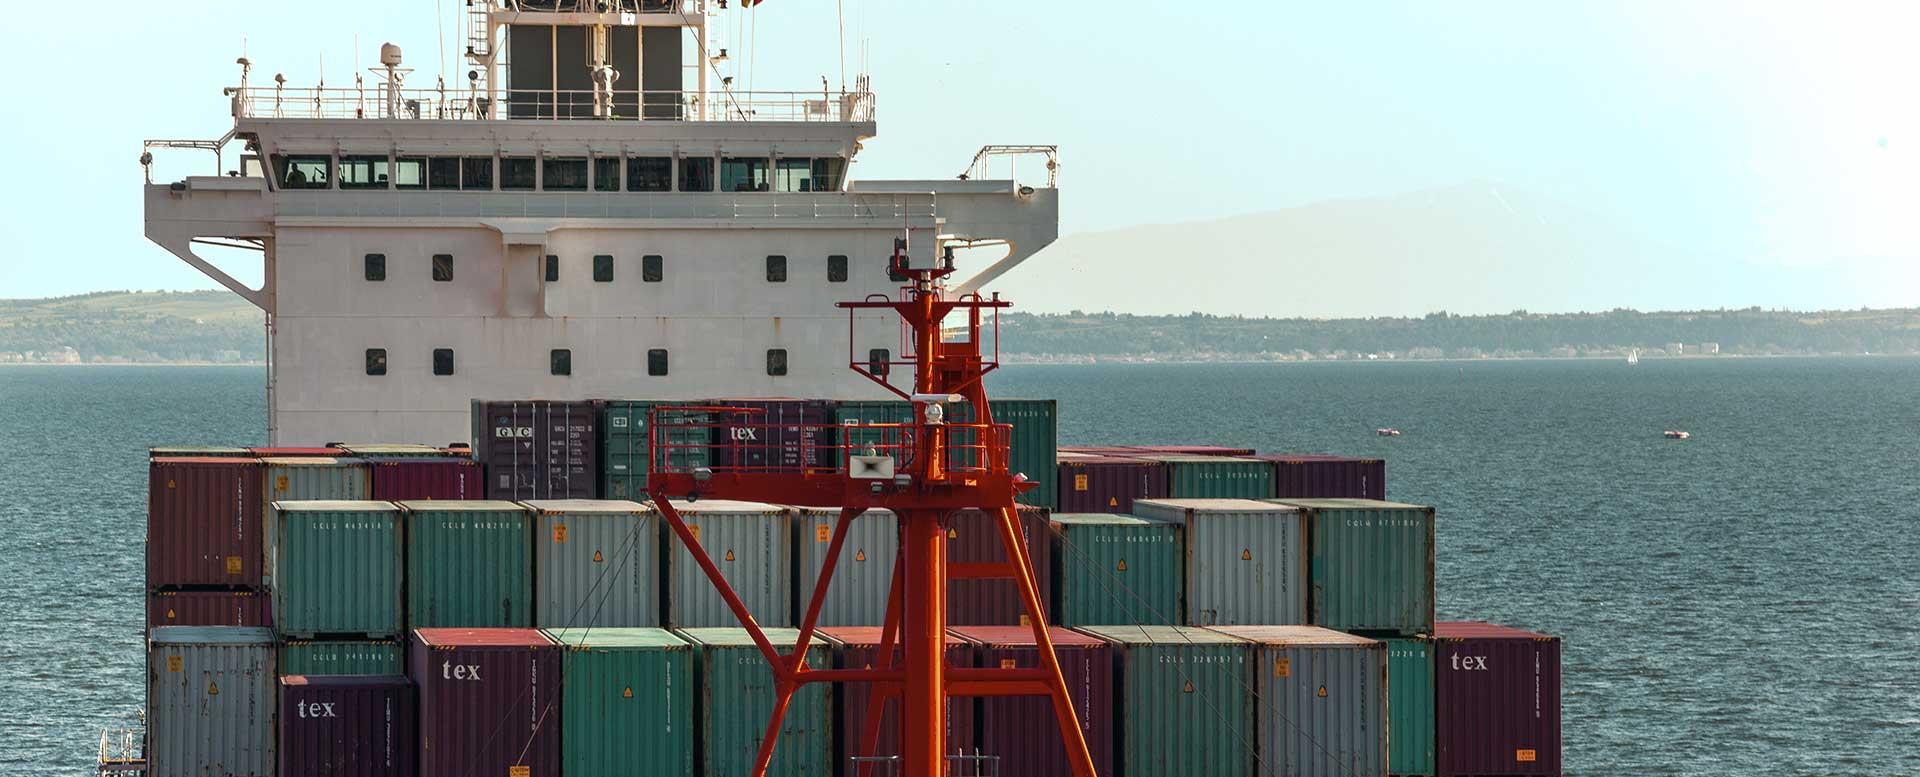 μεταφορική εταιρία Ελλάδα Κύπρος